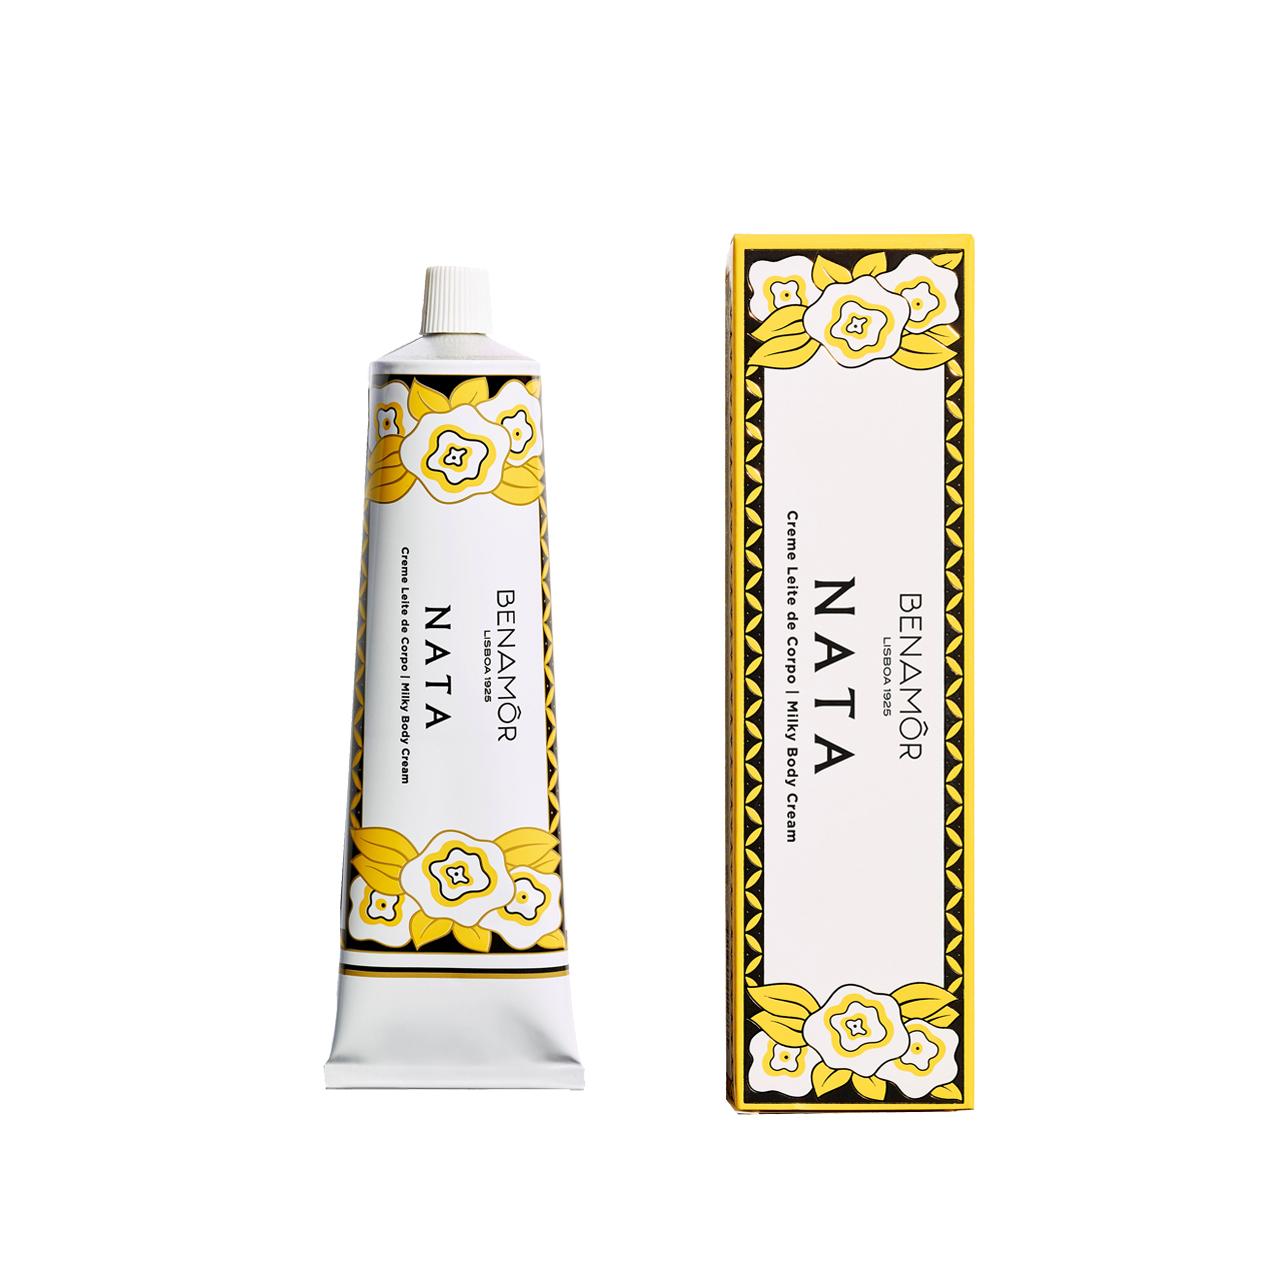 Nata - Body Cream